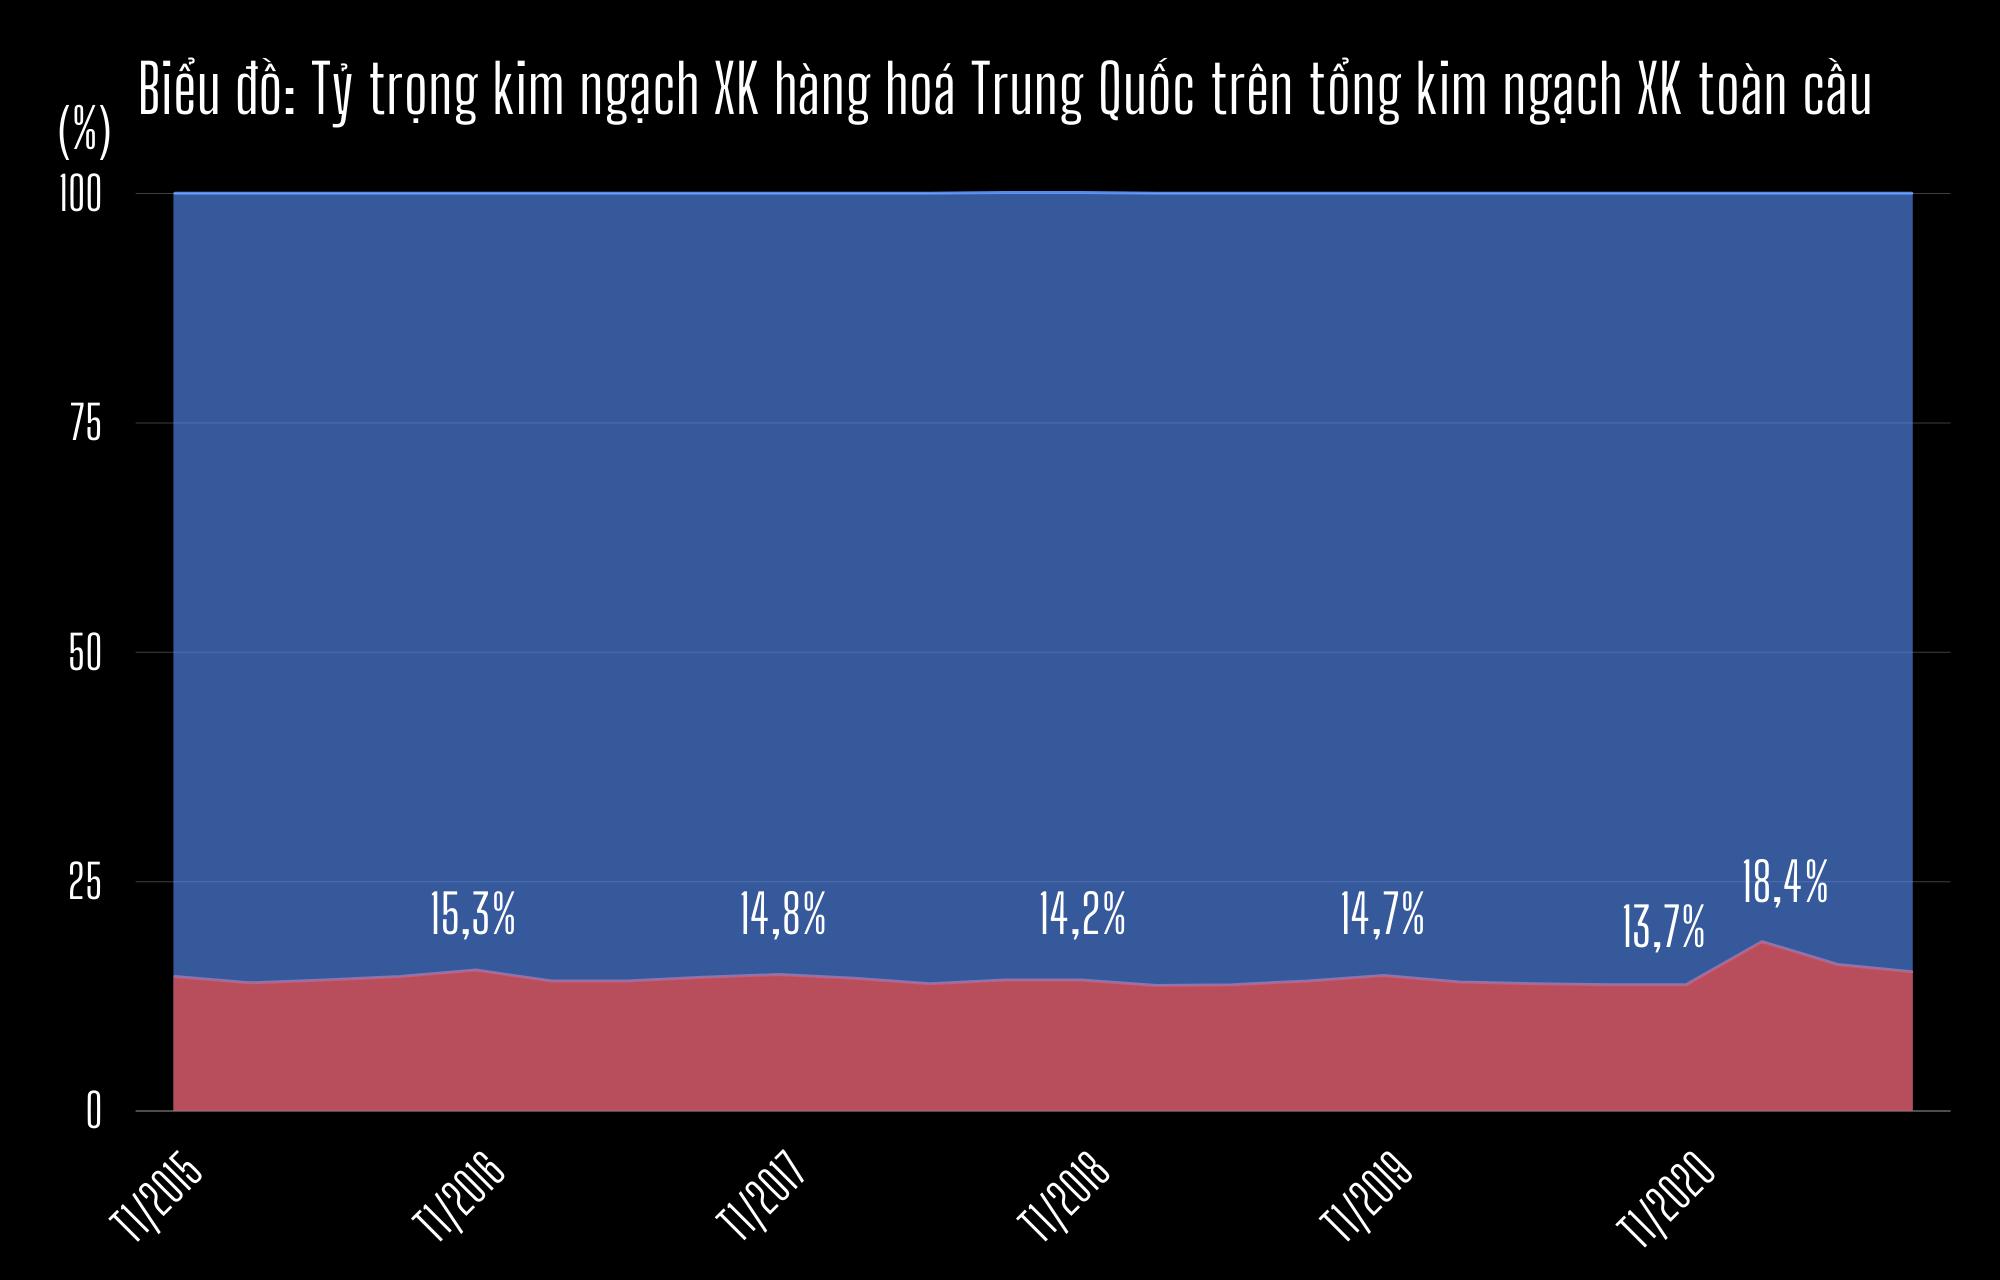 Thế giới đã quá phụ thuộc vào nền kinh tế Trung Quốc? - 6